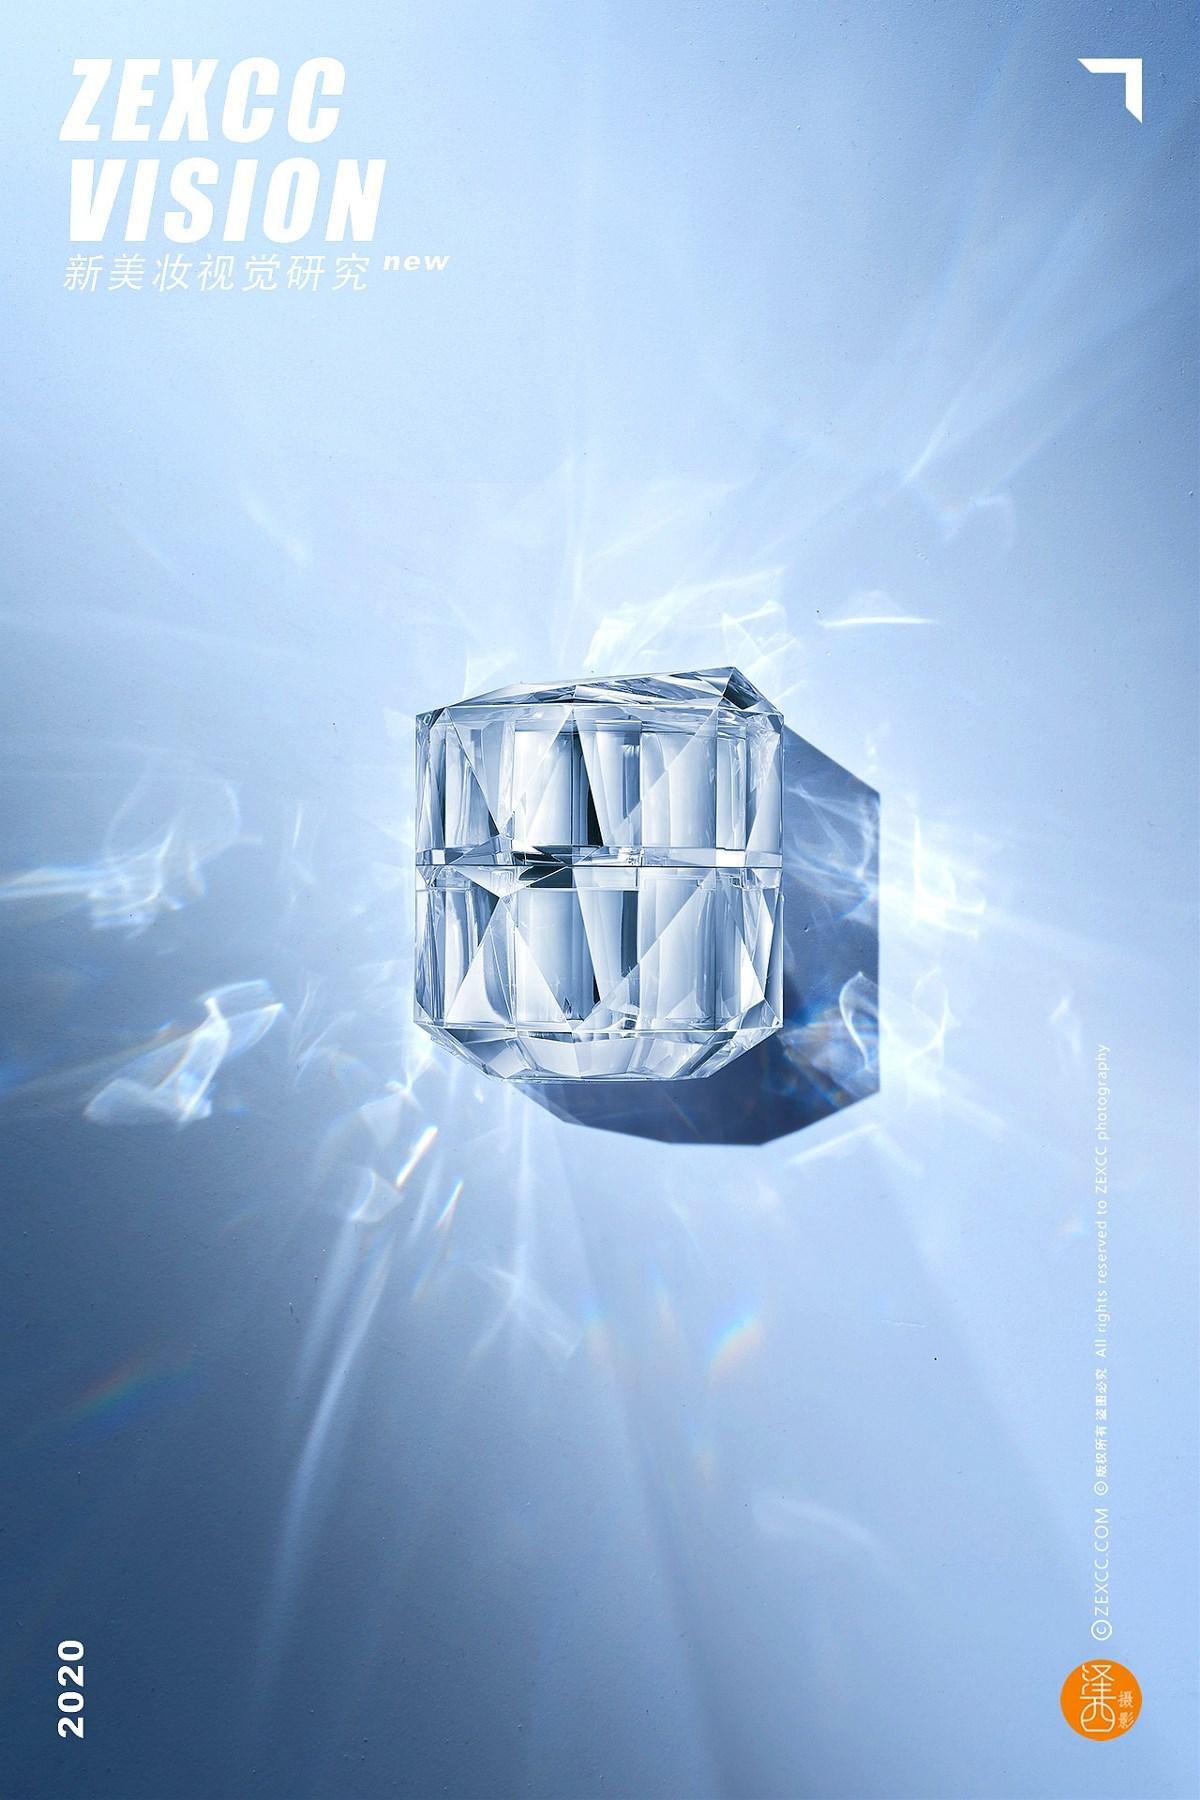 平衡霜 ✖ 泽西摄影 | 新美妆视觉